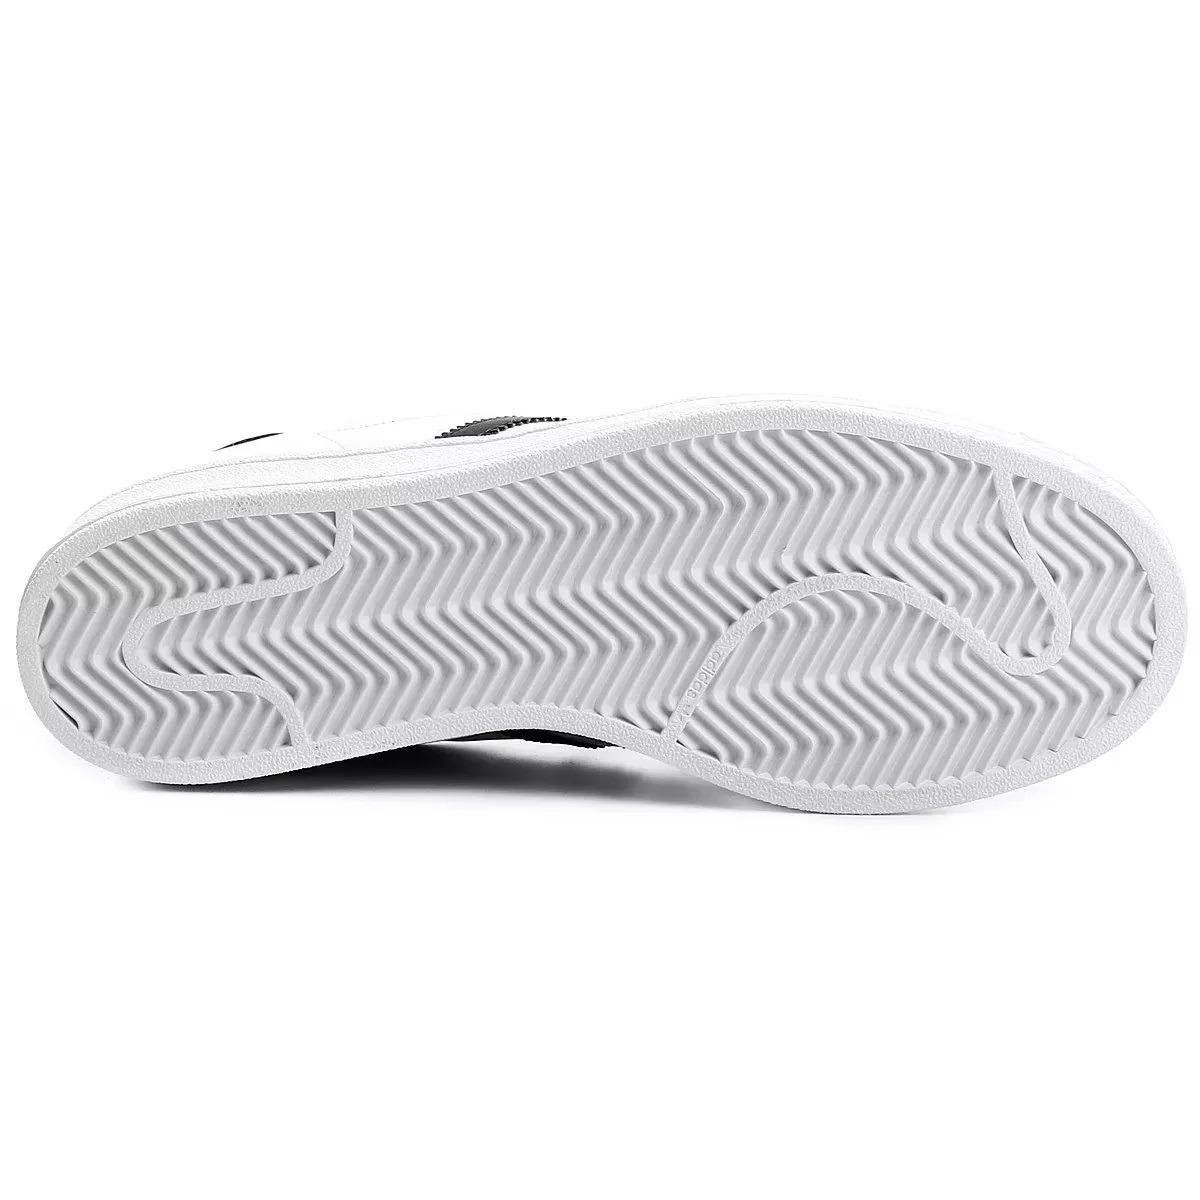 59486ed5da Tênis adidas Superstar Originals Cabeção Feminino Masculino - R  200 ...